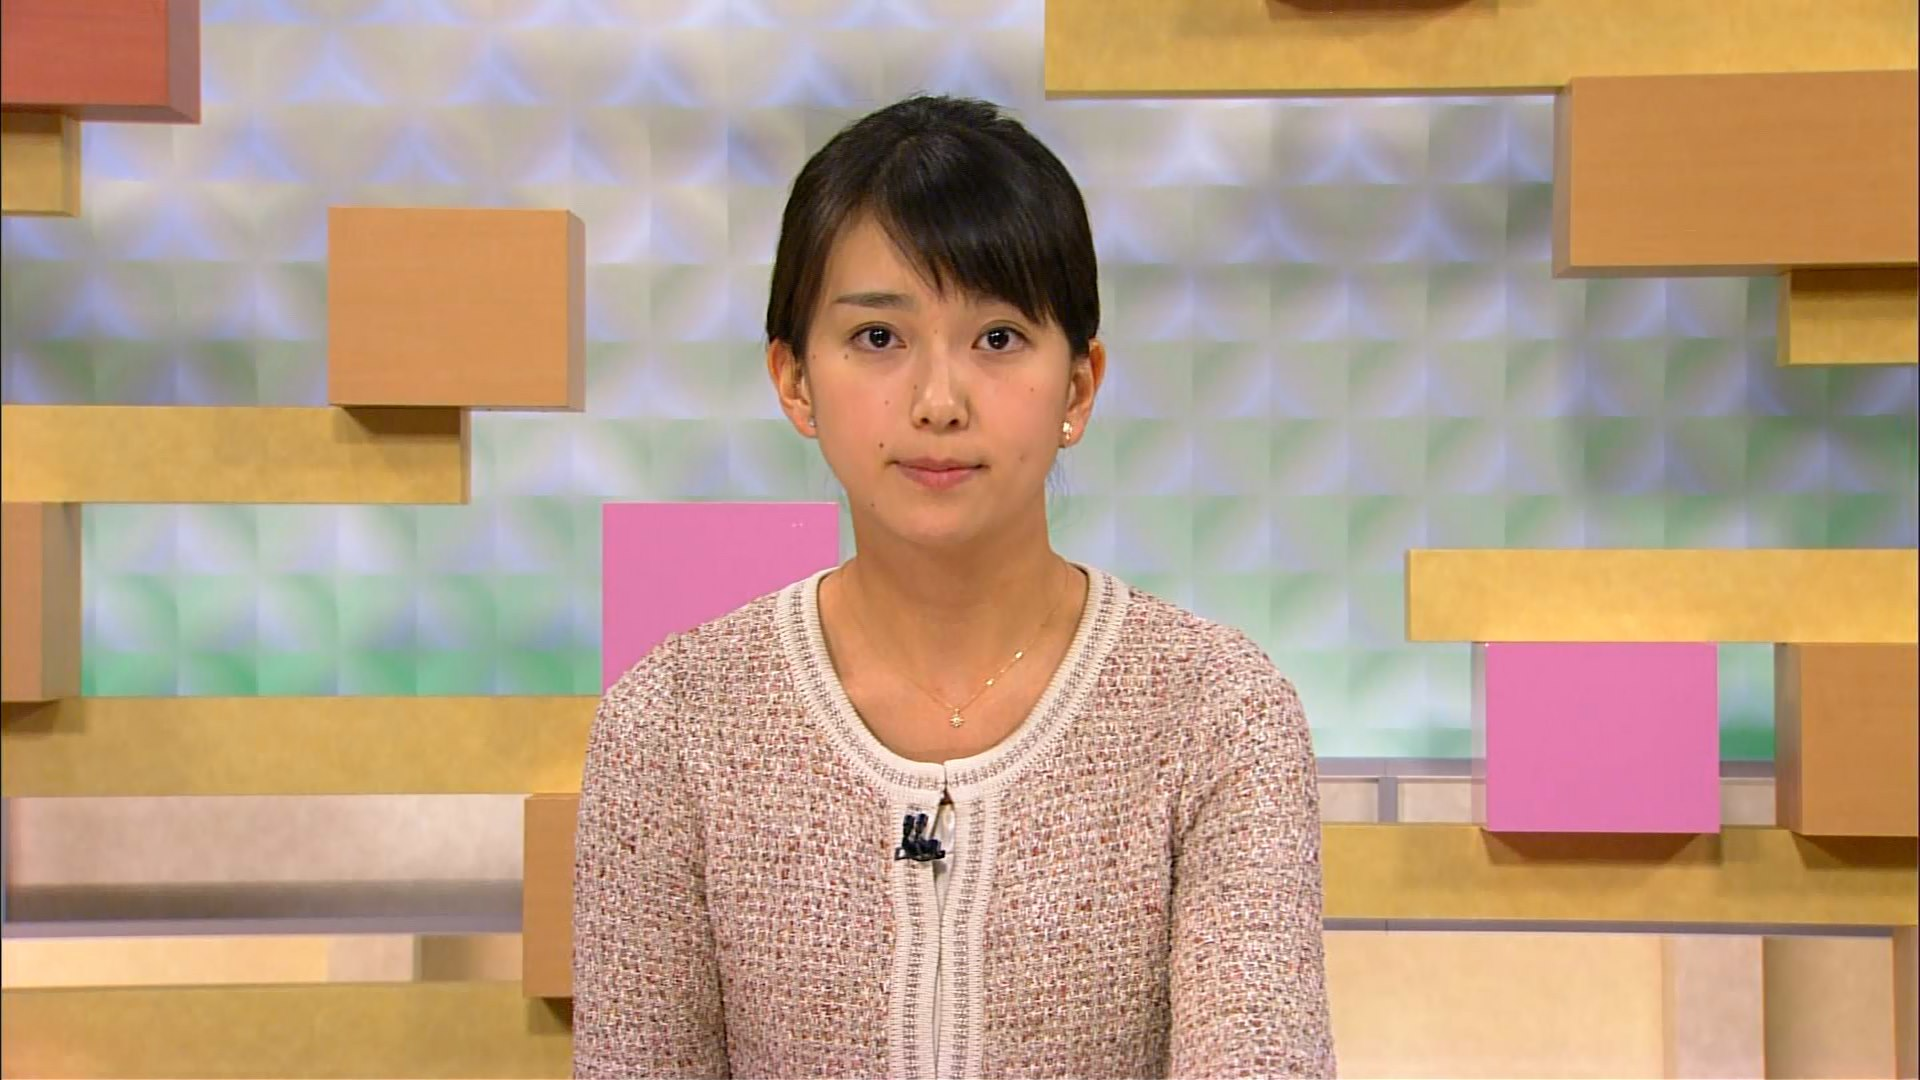 和久田麻由子 おはよう日本のメインキャスターを担当するのが和久田麻由子アナ。